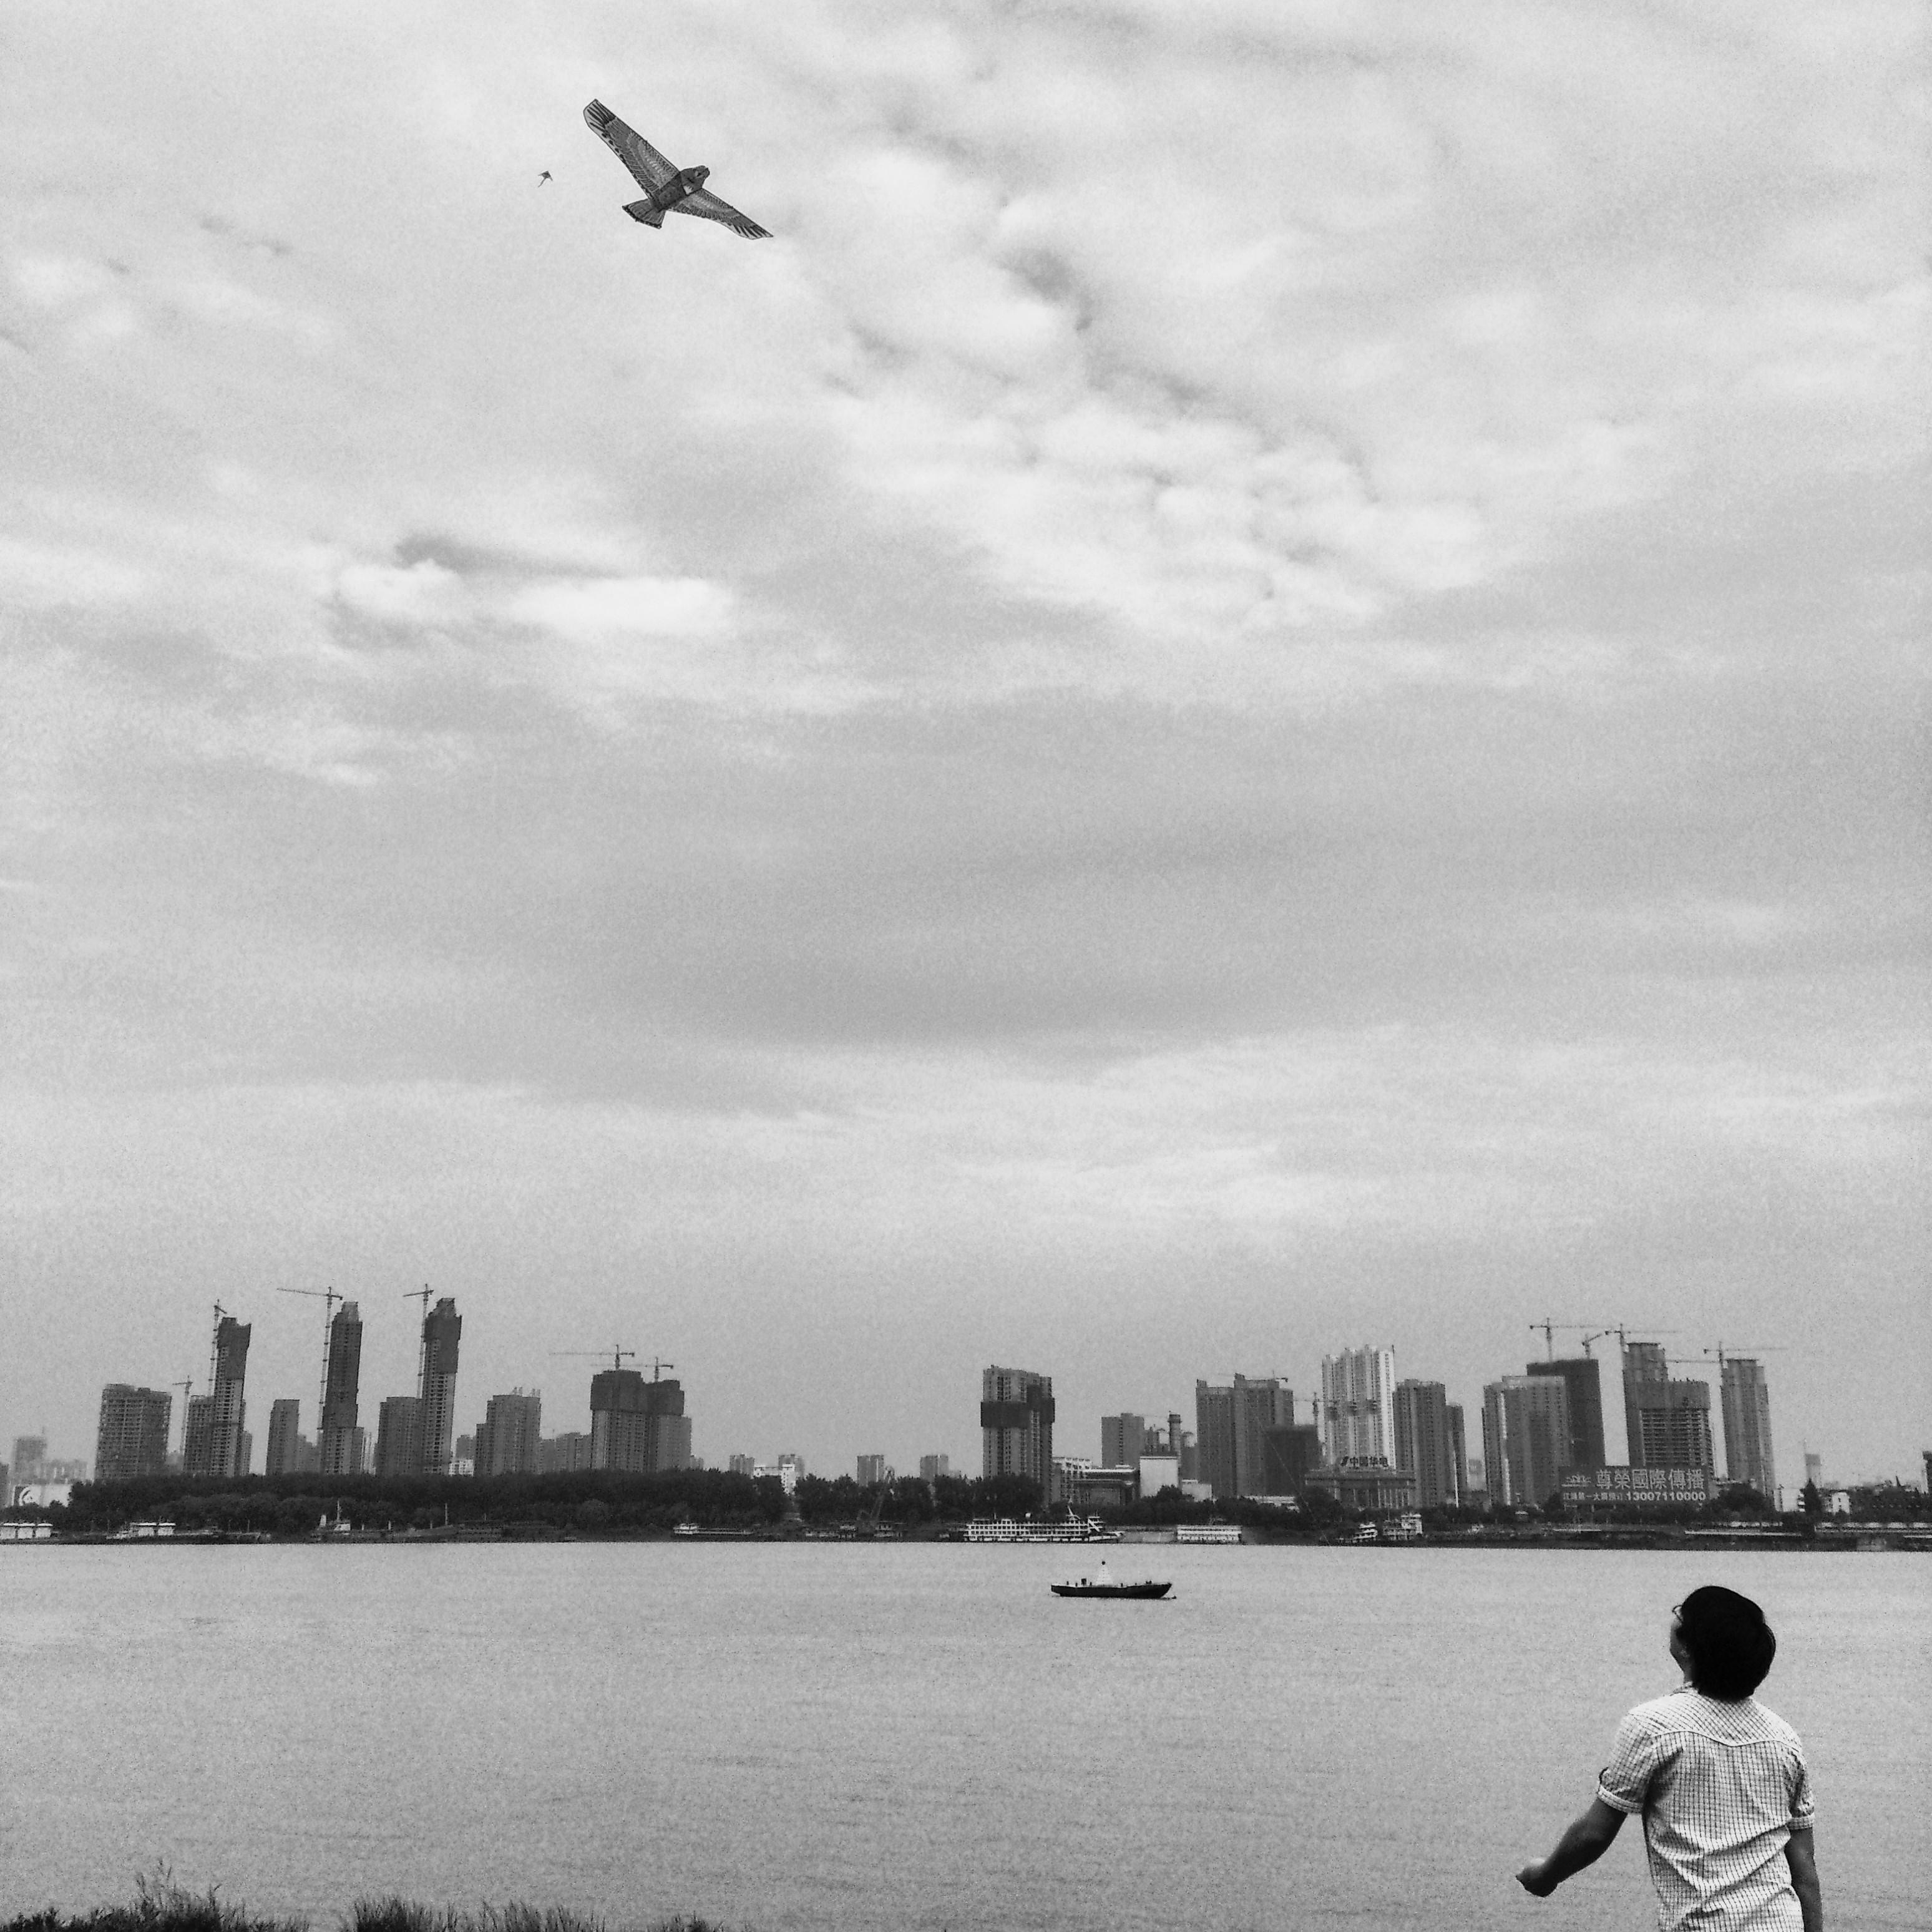 2013年,谌毅拍摄于汉口江滩。